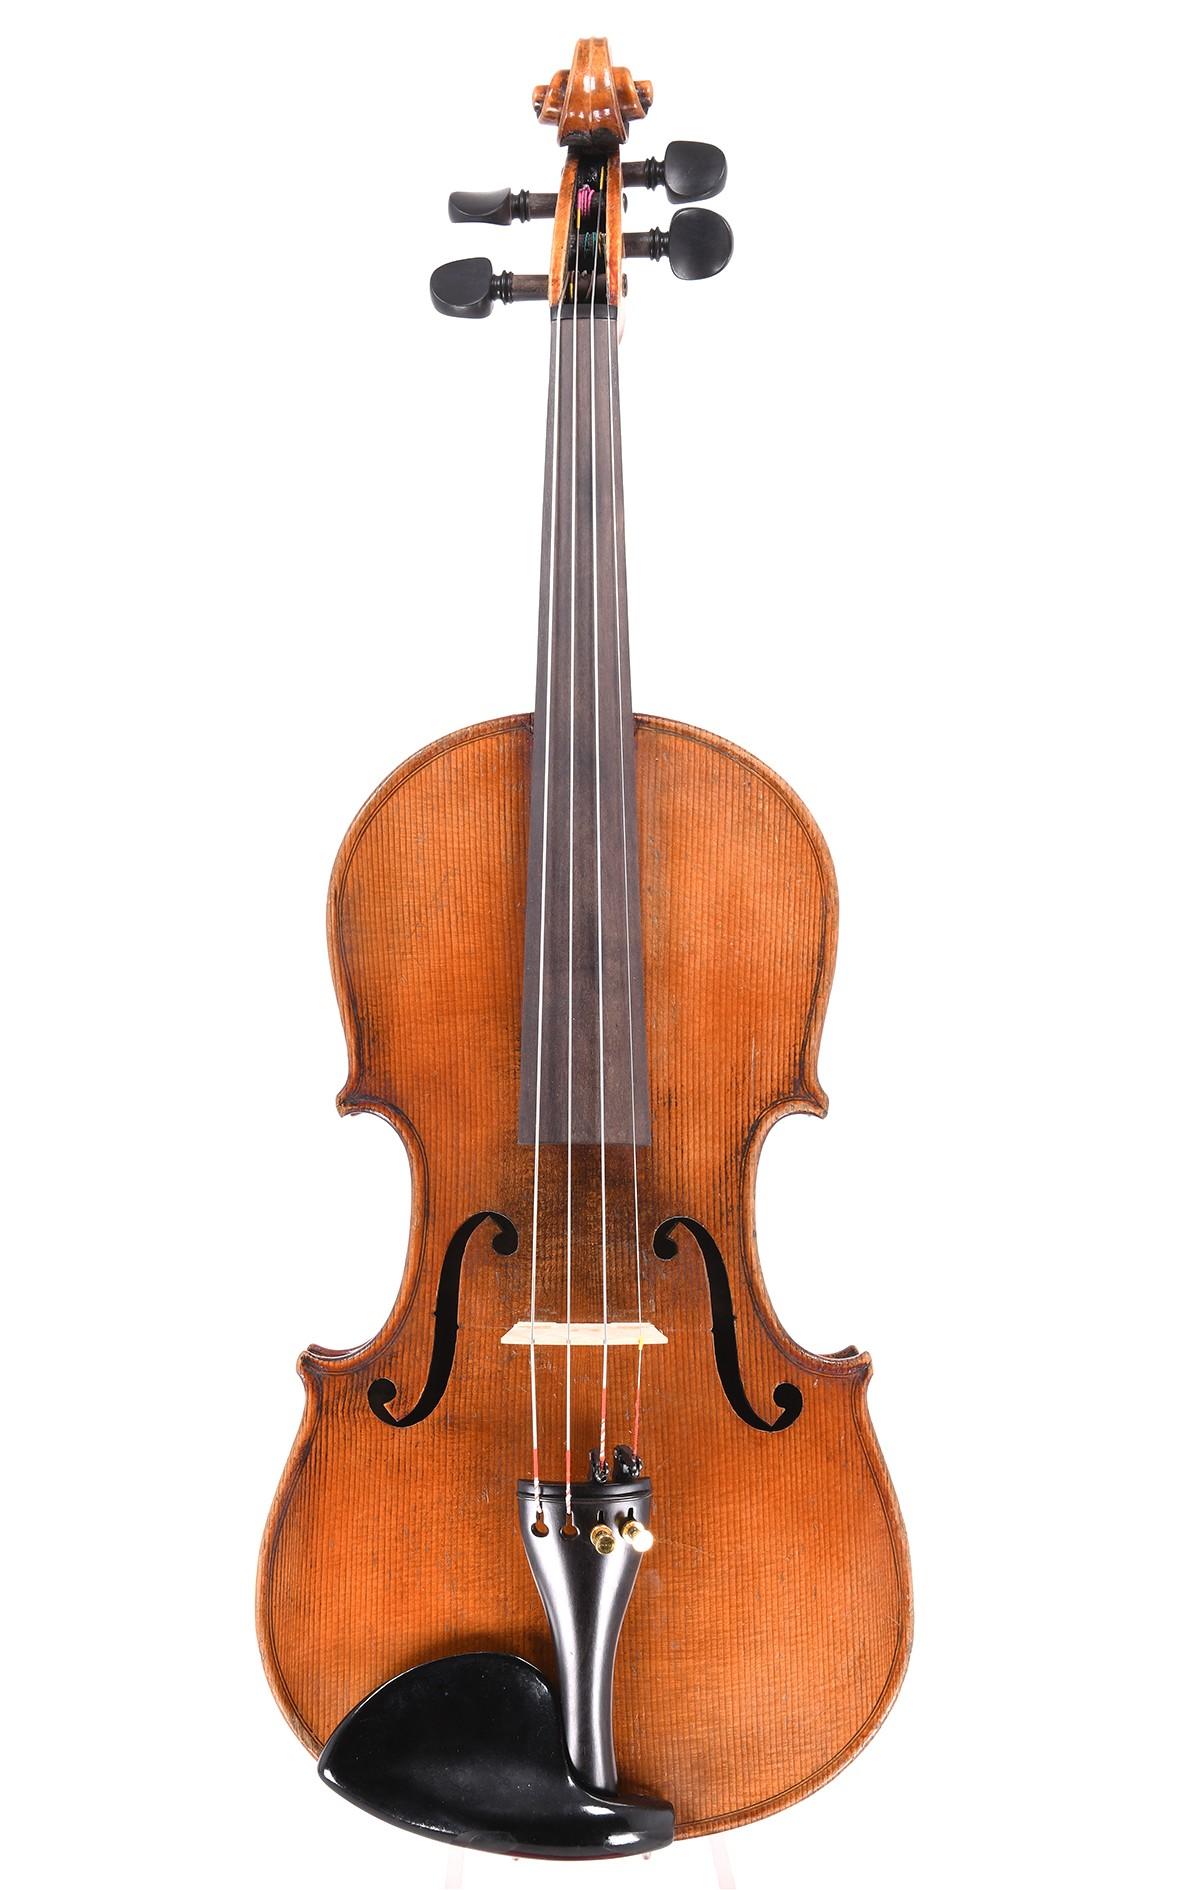 3/4 Geige aus Markneukirchen, Stradivari Modell, gebaut um 1920